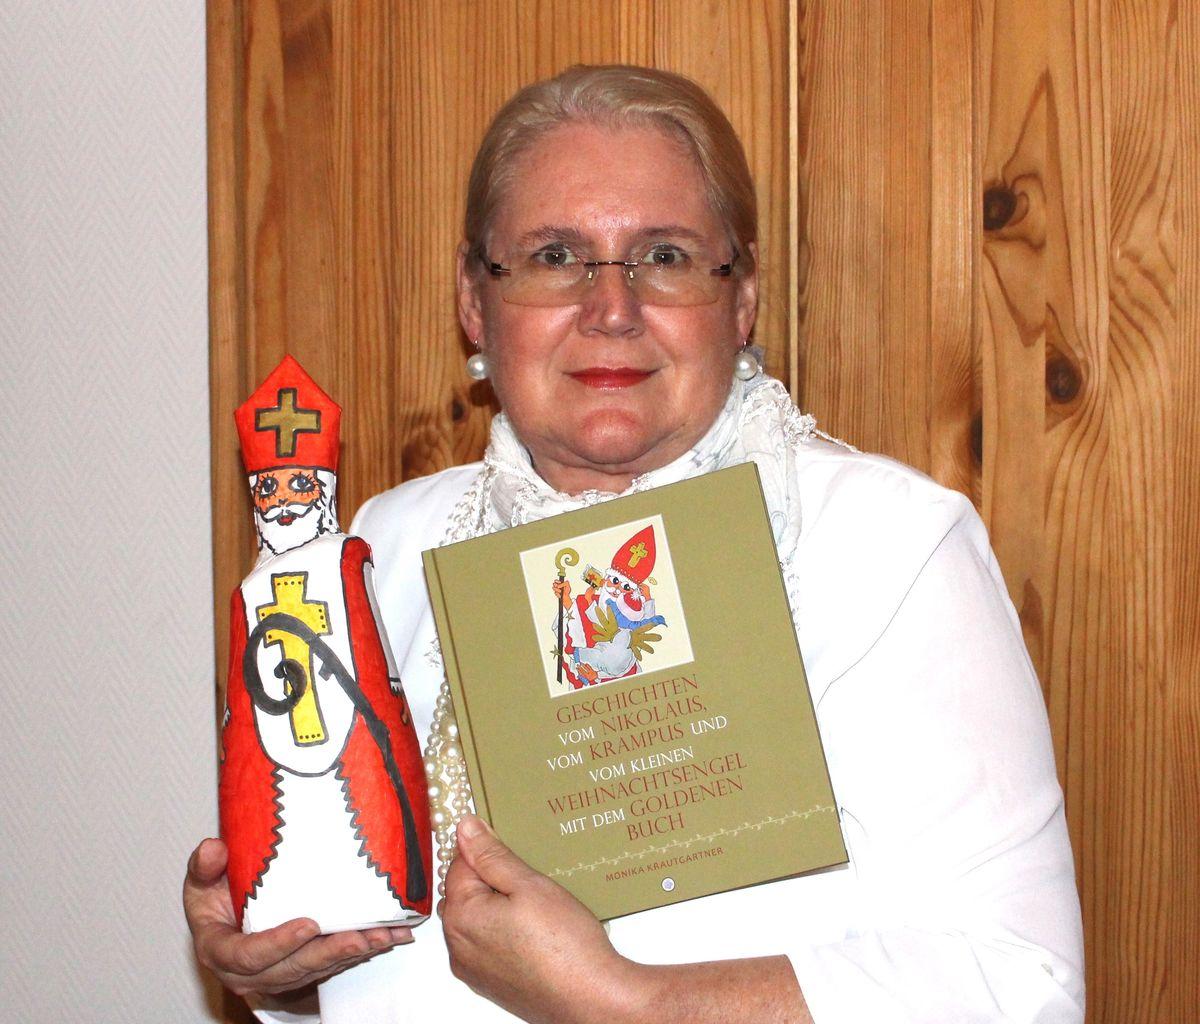 Geschichten vom Nikolaus, vom Krampus und vom Engel mit dem goldenen Buch